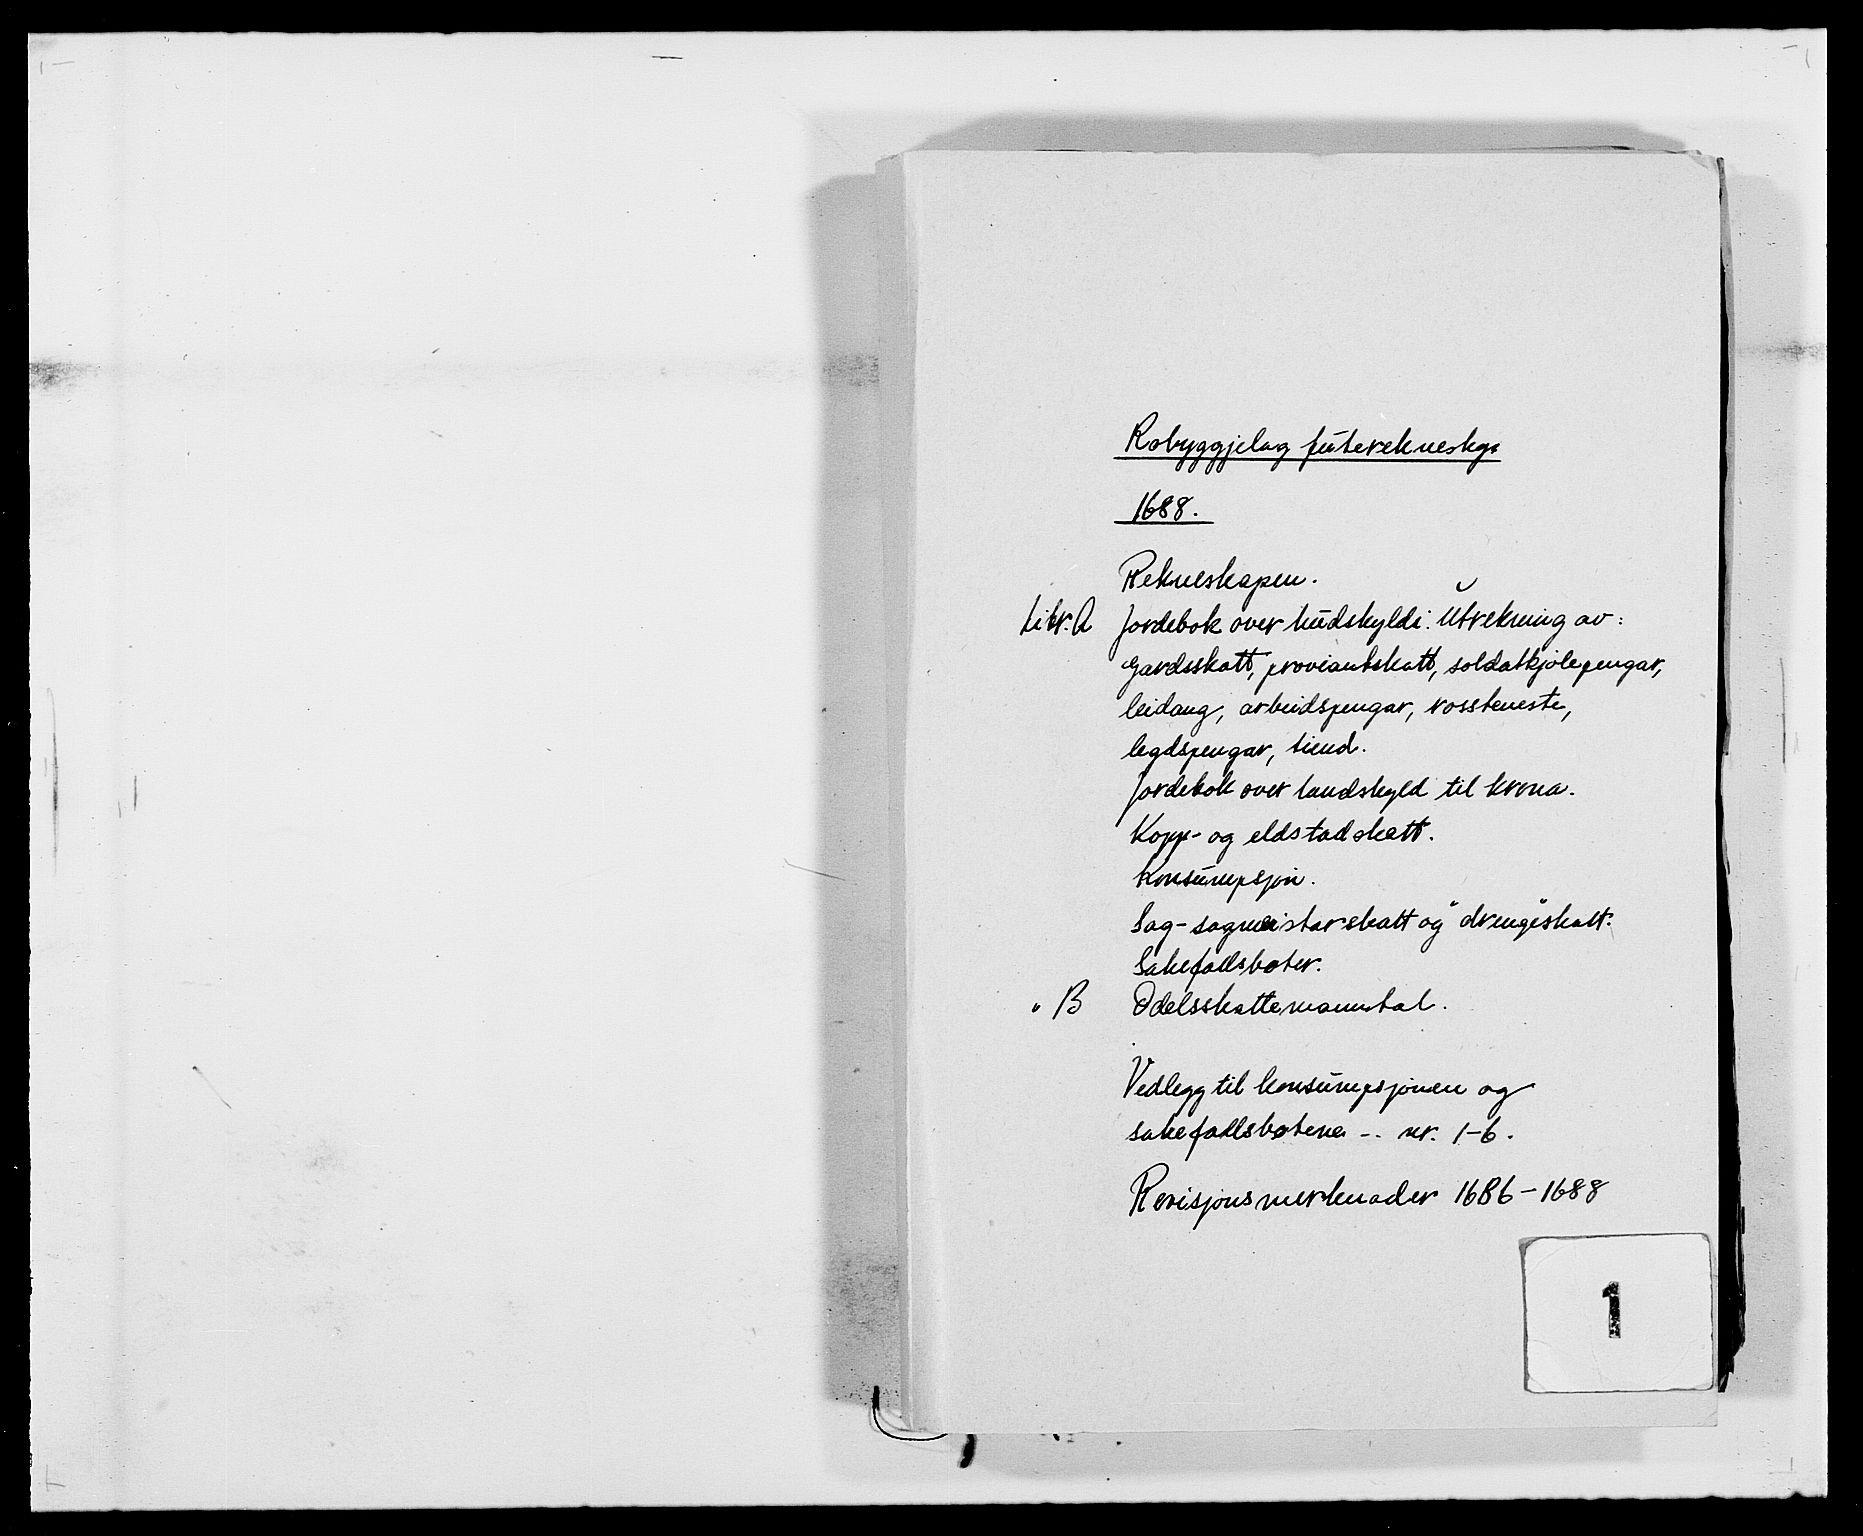 RA, Rentekammeret inntil 1814, Reviderte regnskaper, Fogderegnskap, R40/L2441: Fogderegnskap Råbyggelag, 1688, s. 1